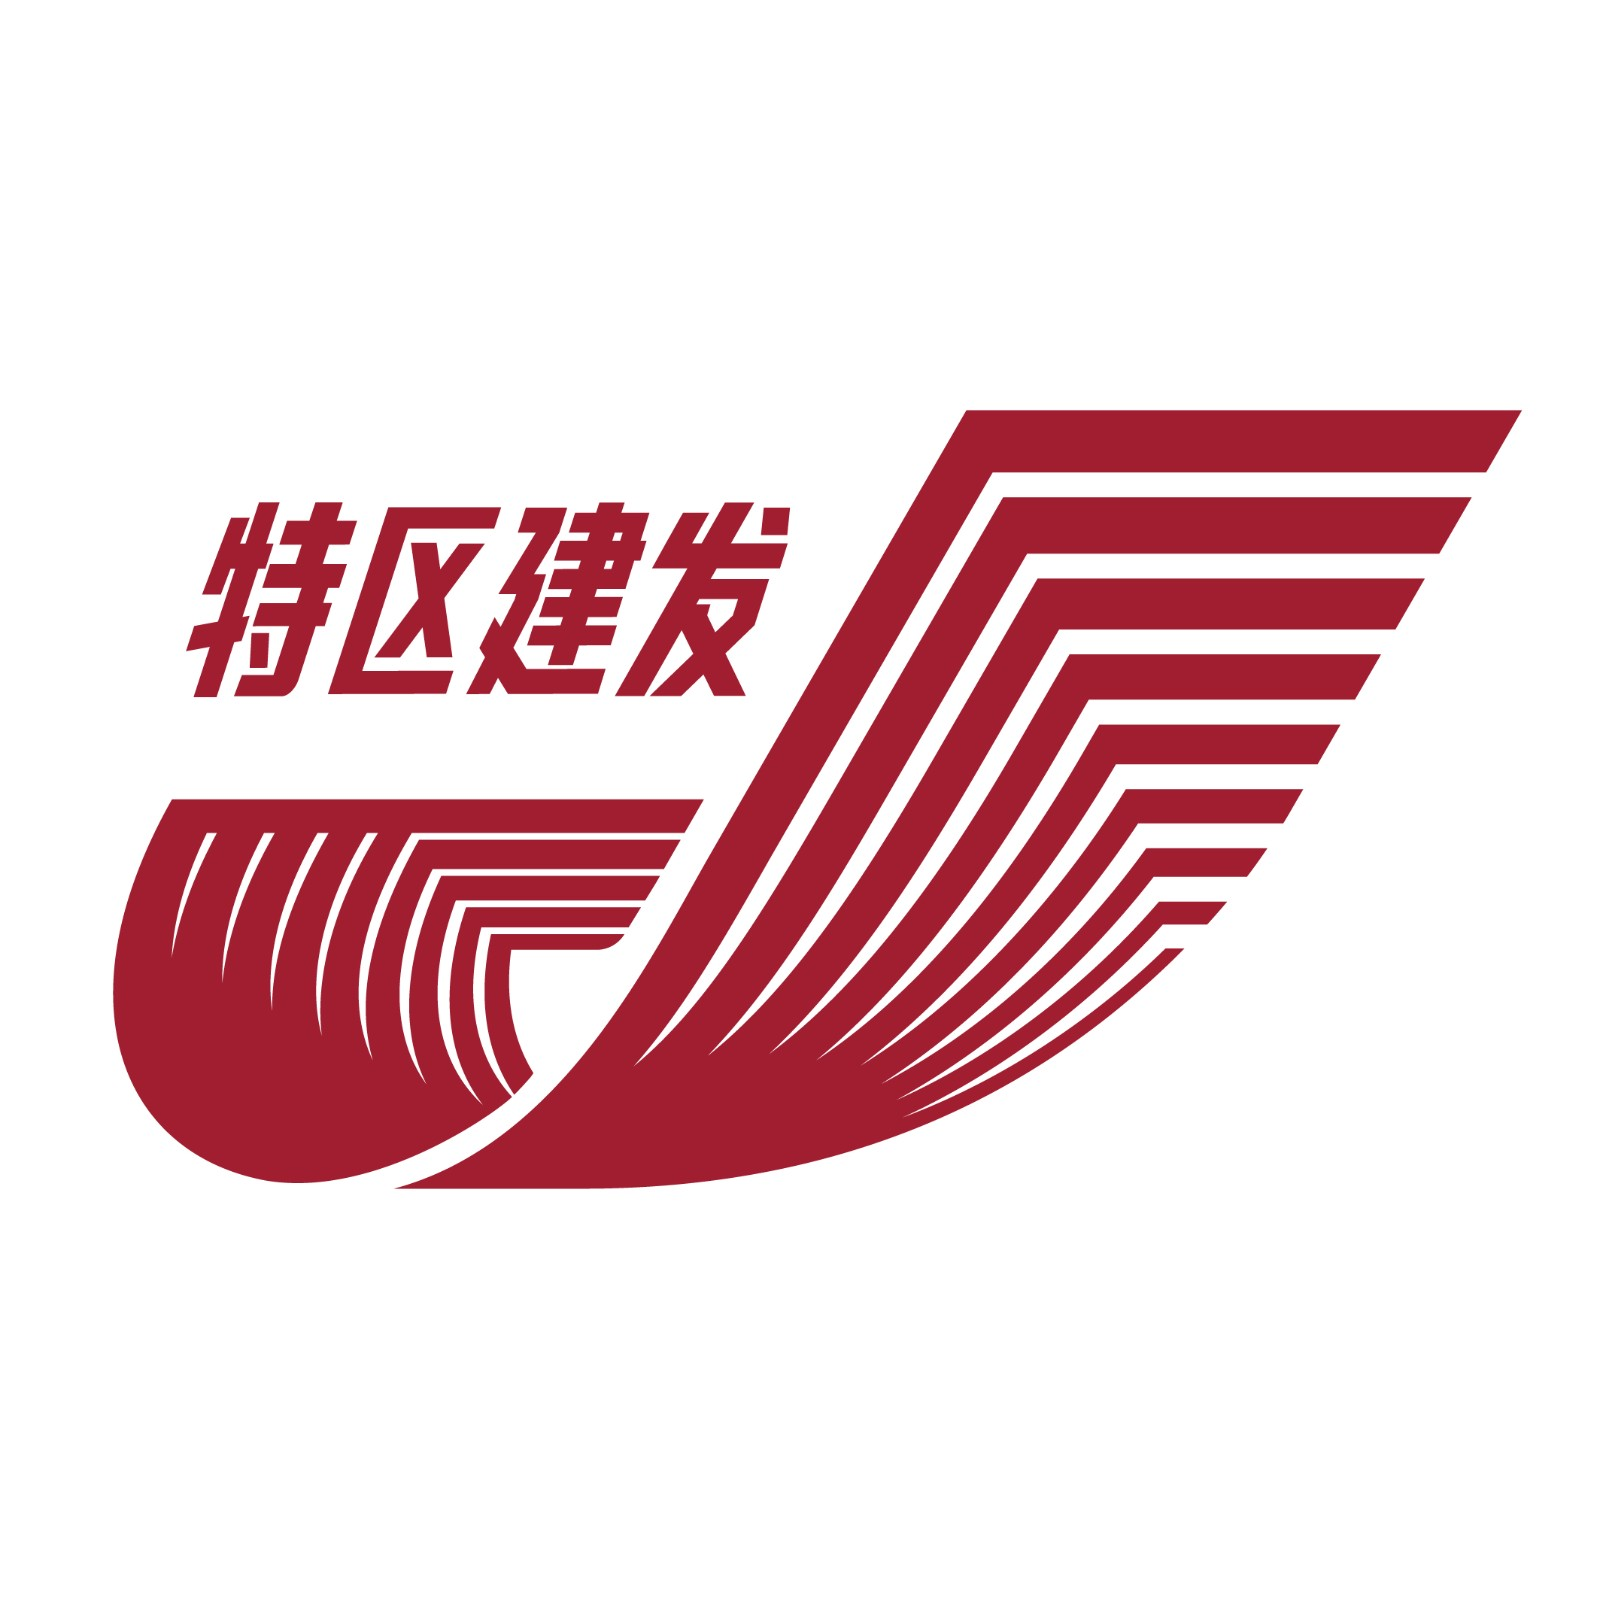 集团新logo.jpg